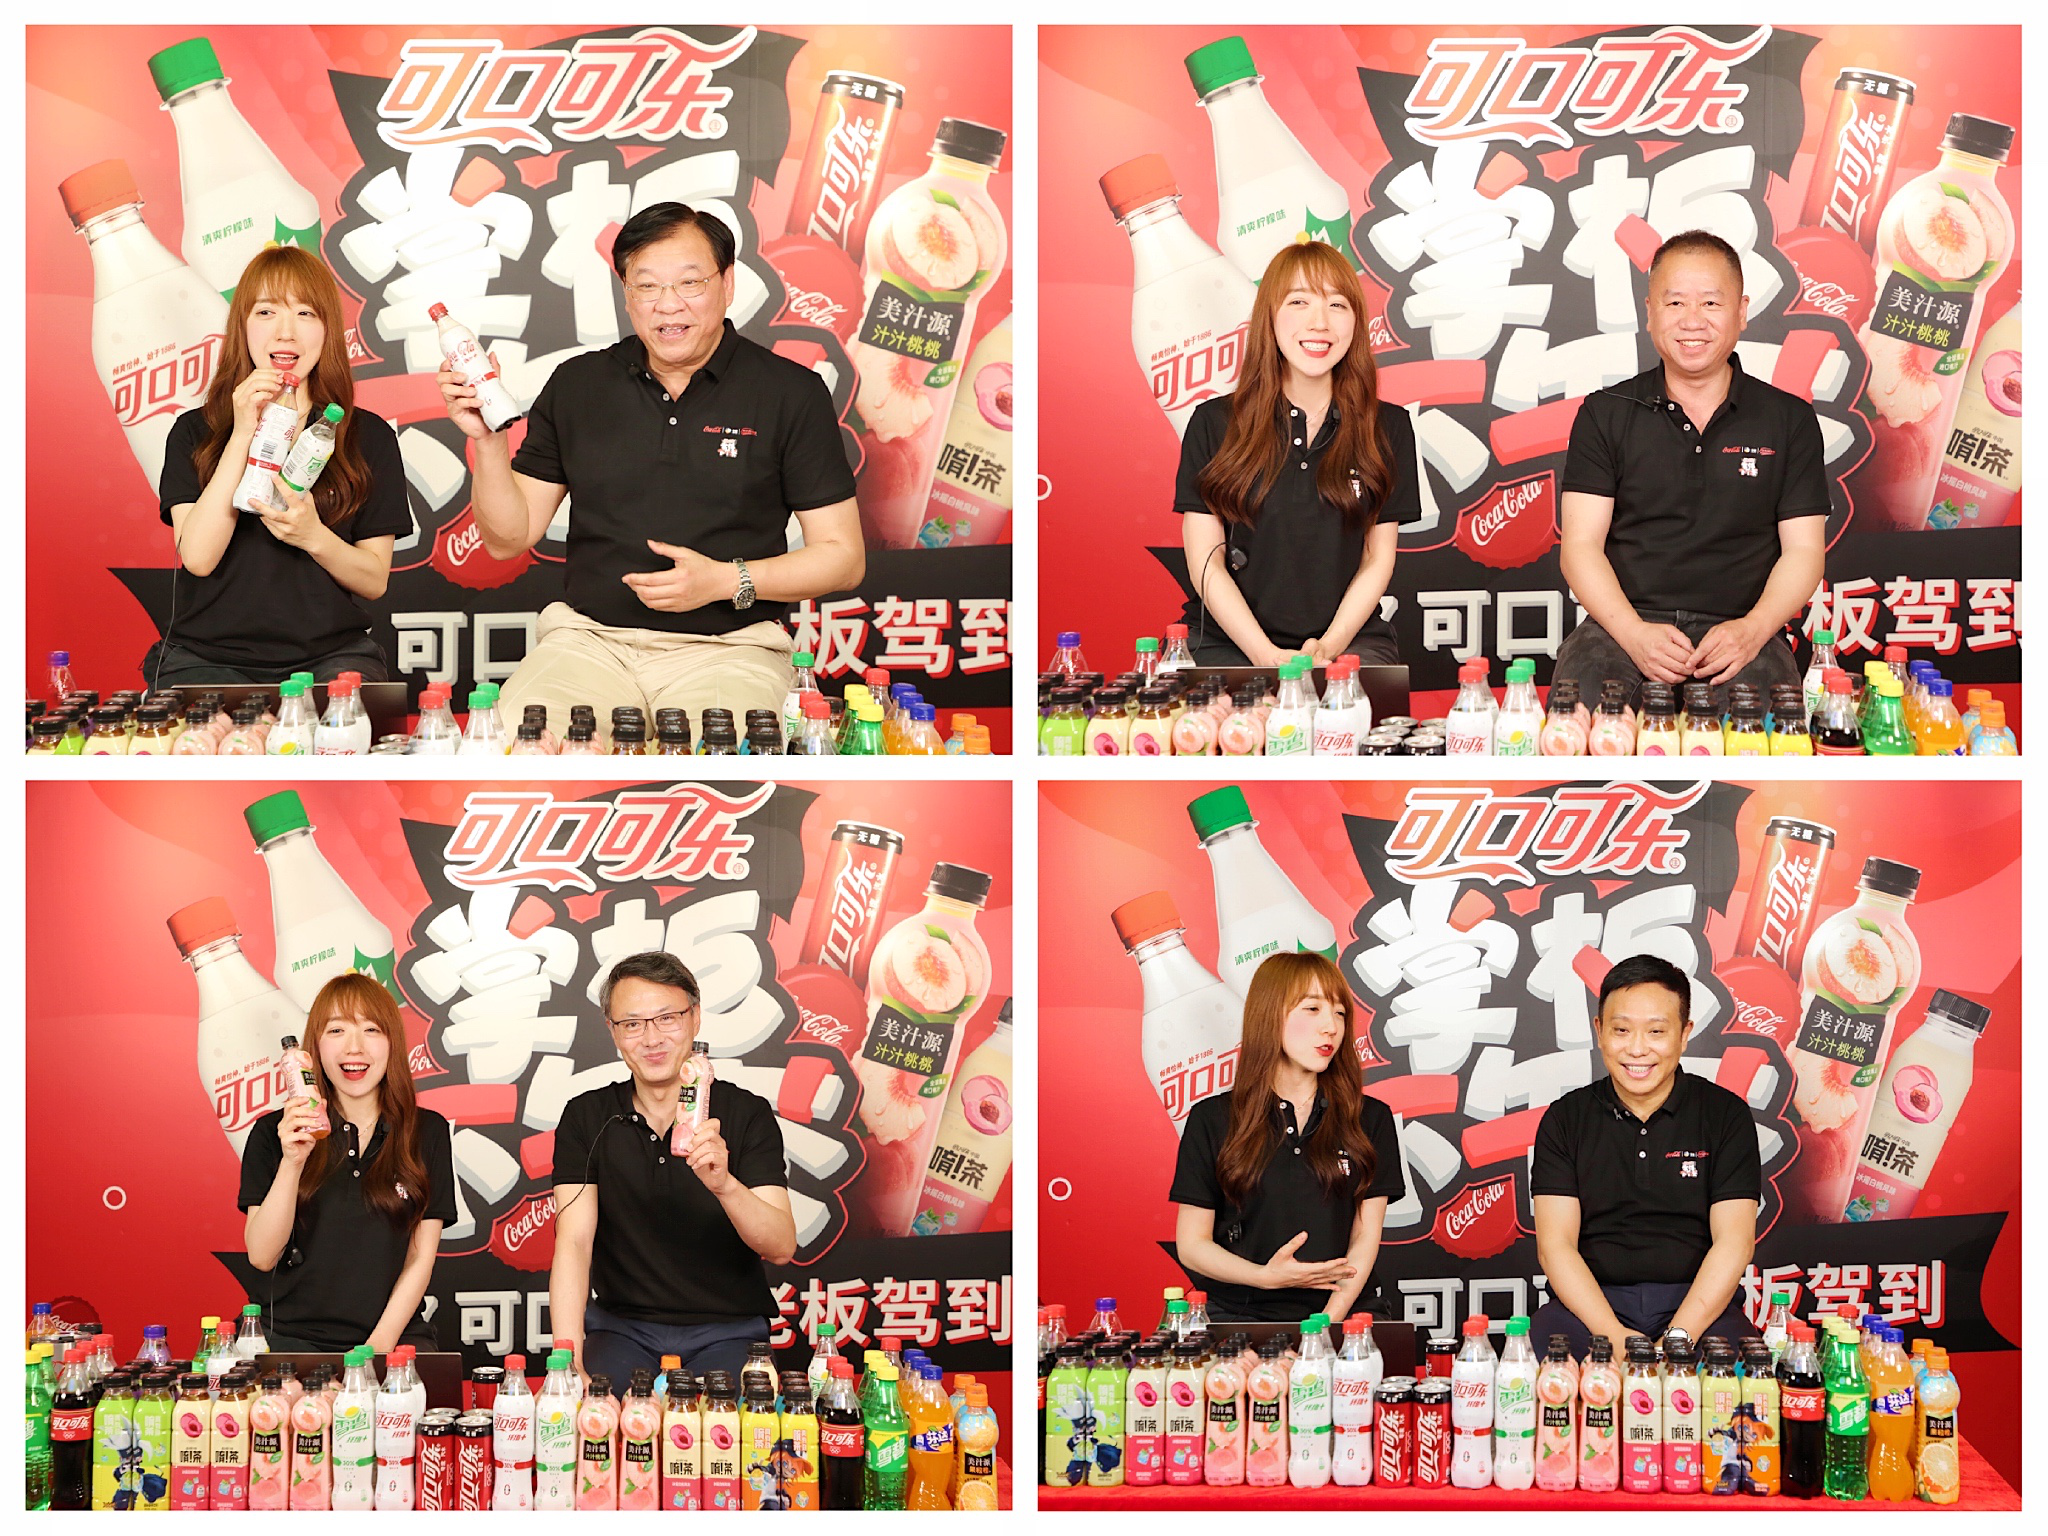 总裁在线带货 京东新通路联合可口可乐掀B2B直播新浪潮